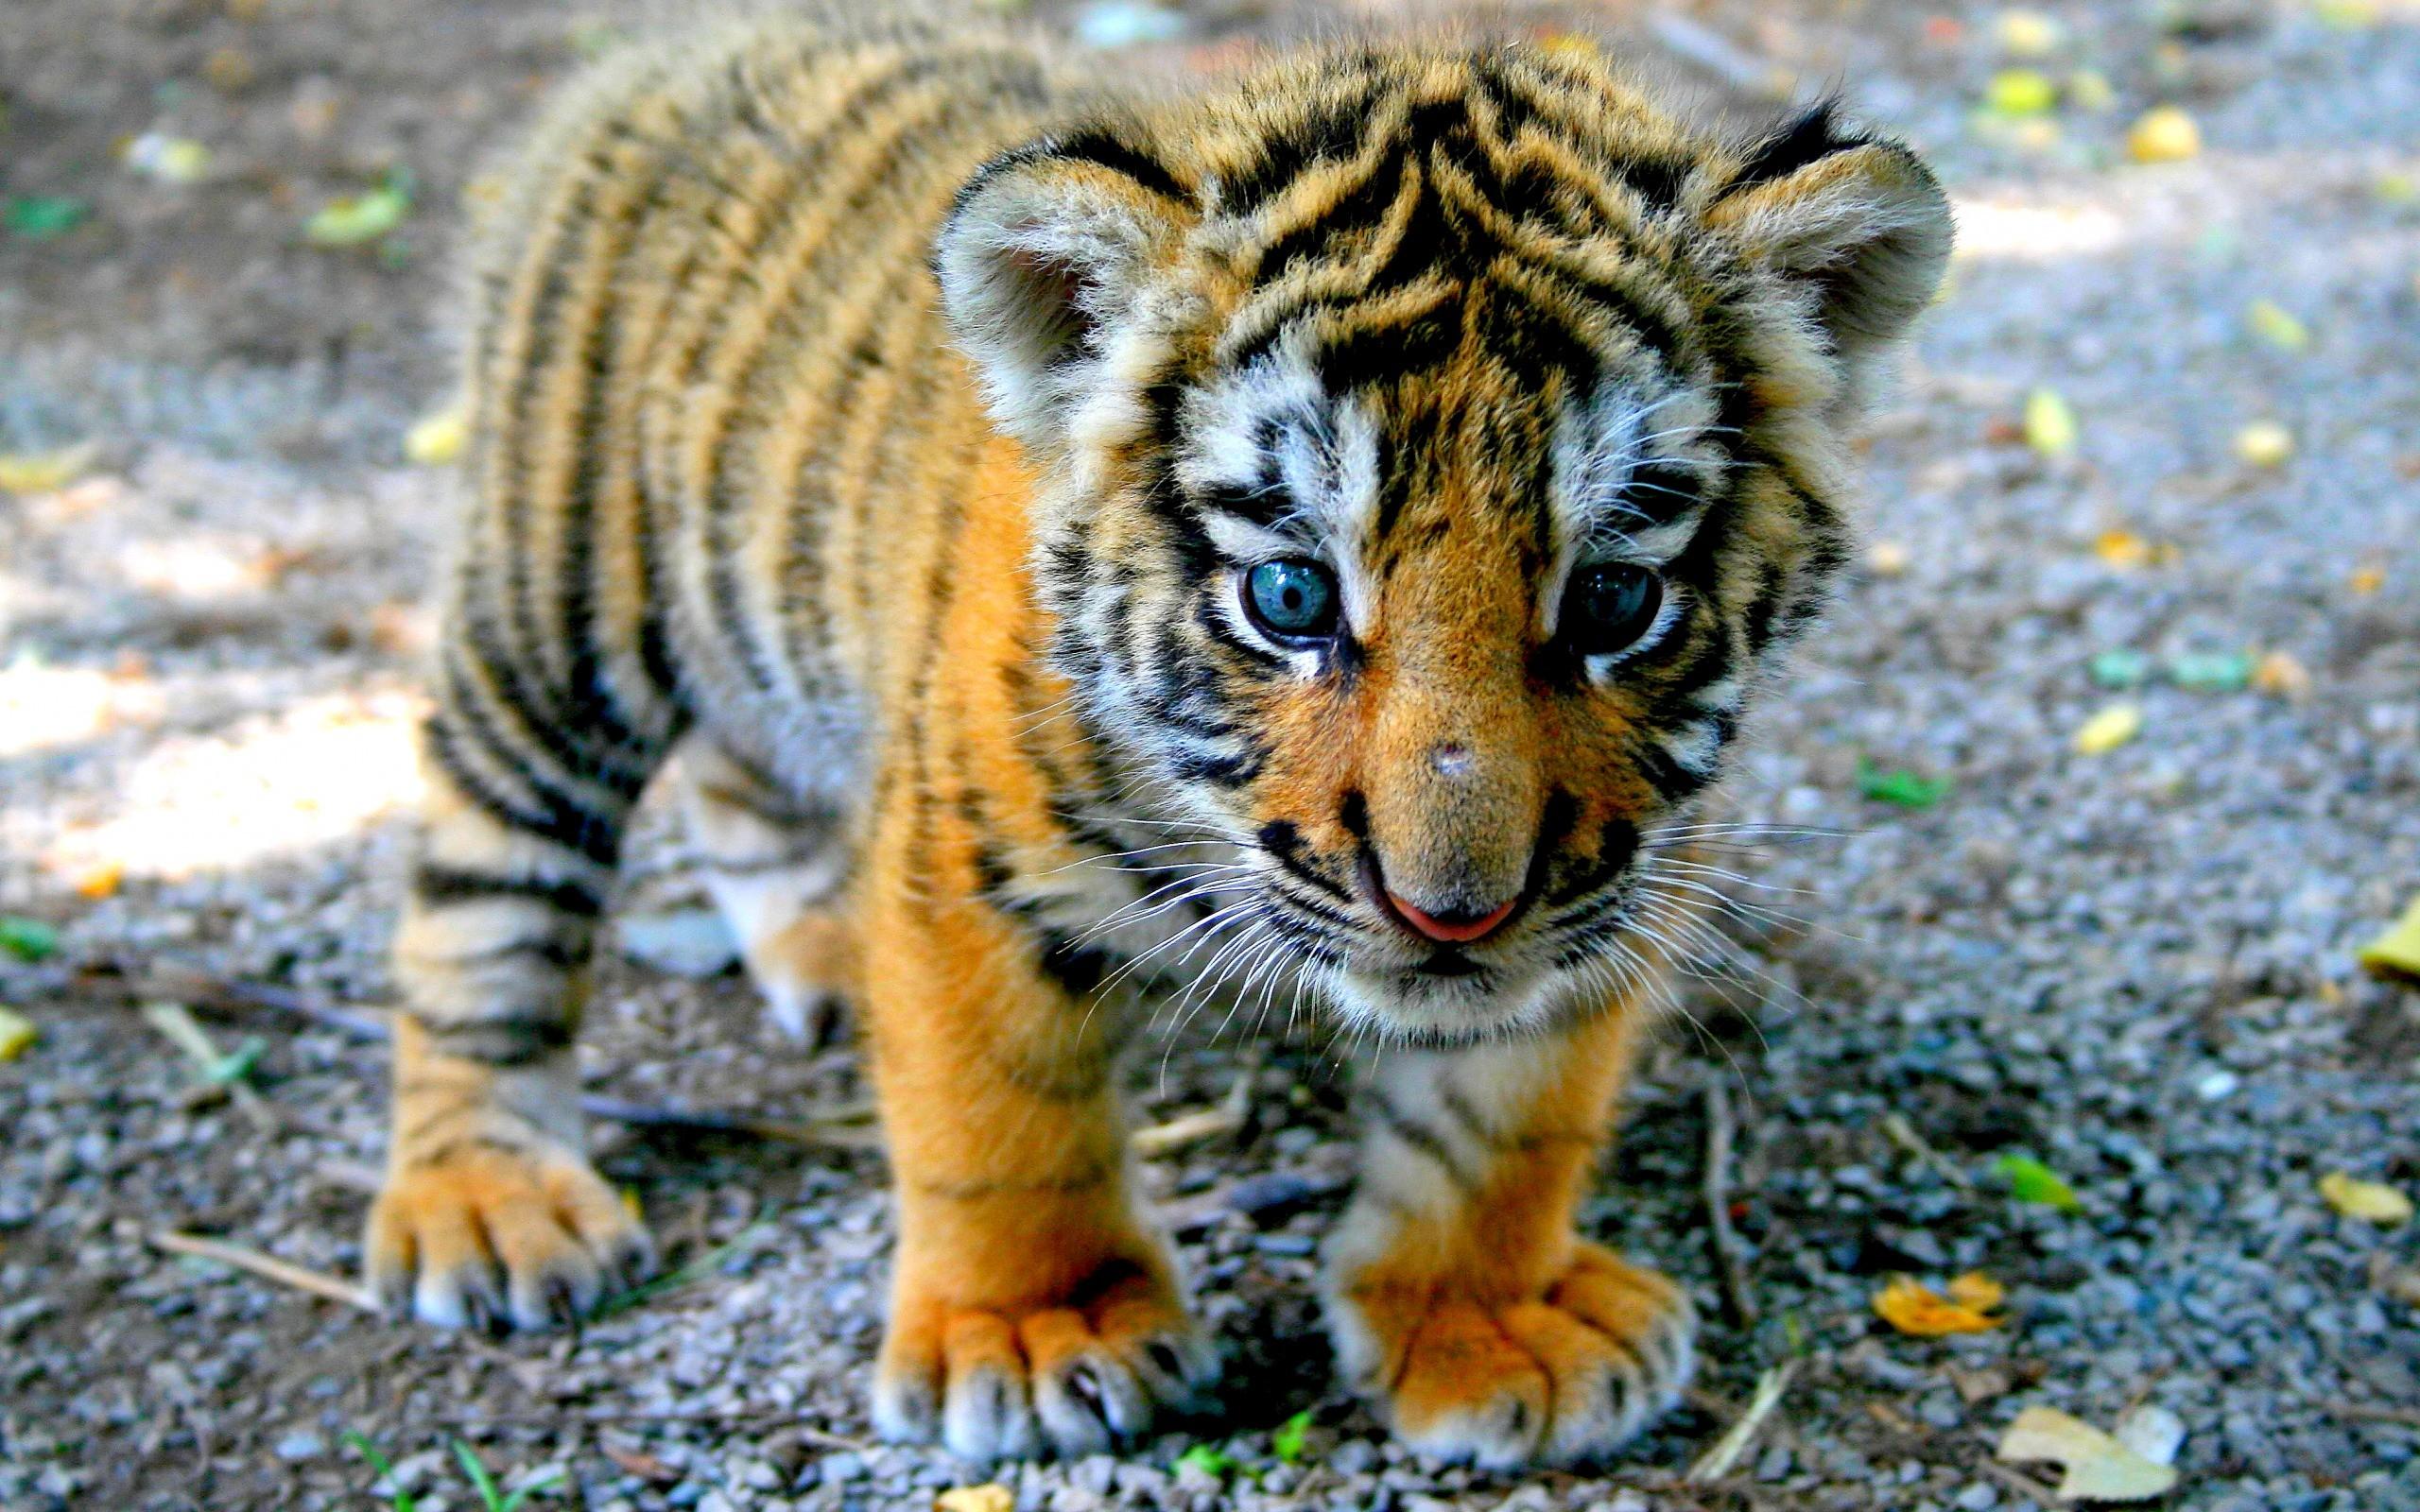 Cute Tiger Cub Wallpapers 37065 5f2560x1600 133607 HD Wallpaper Res 2560x1600